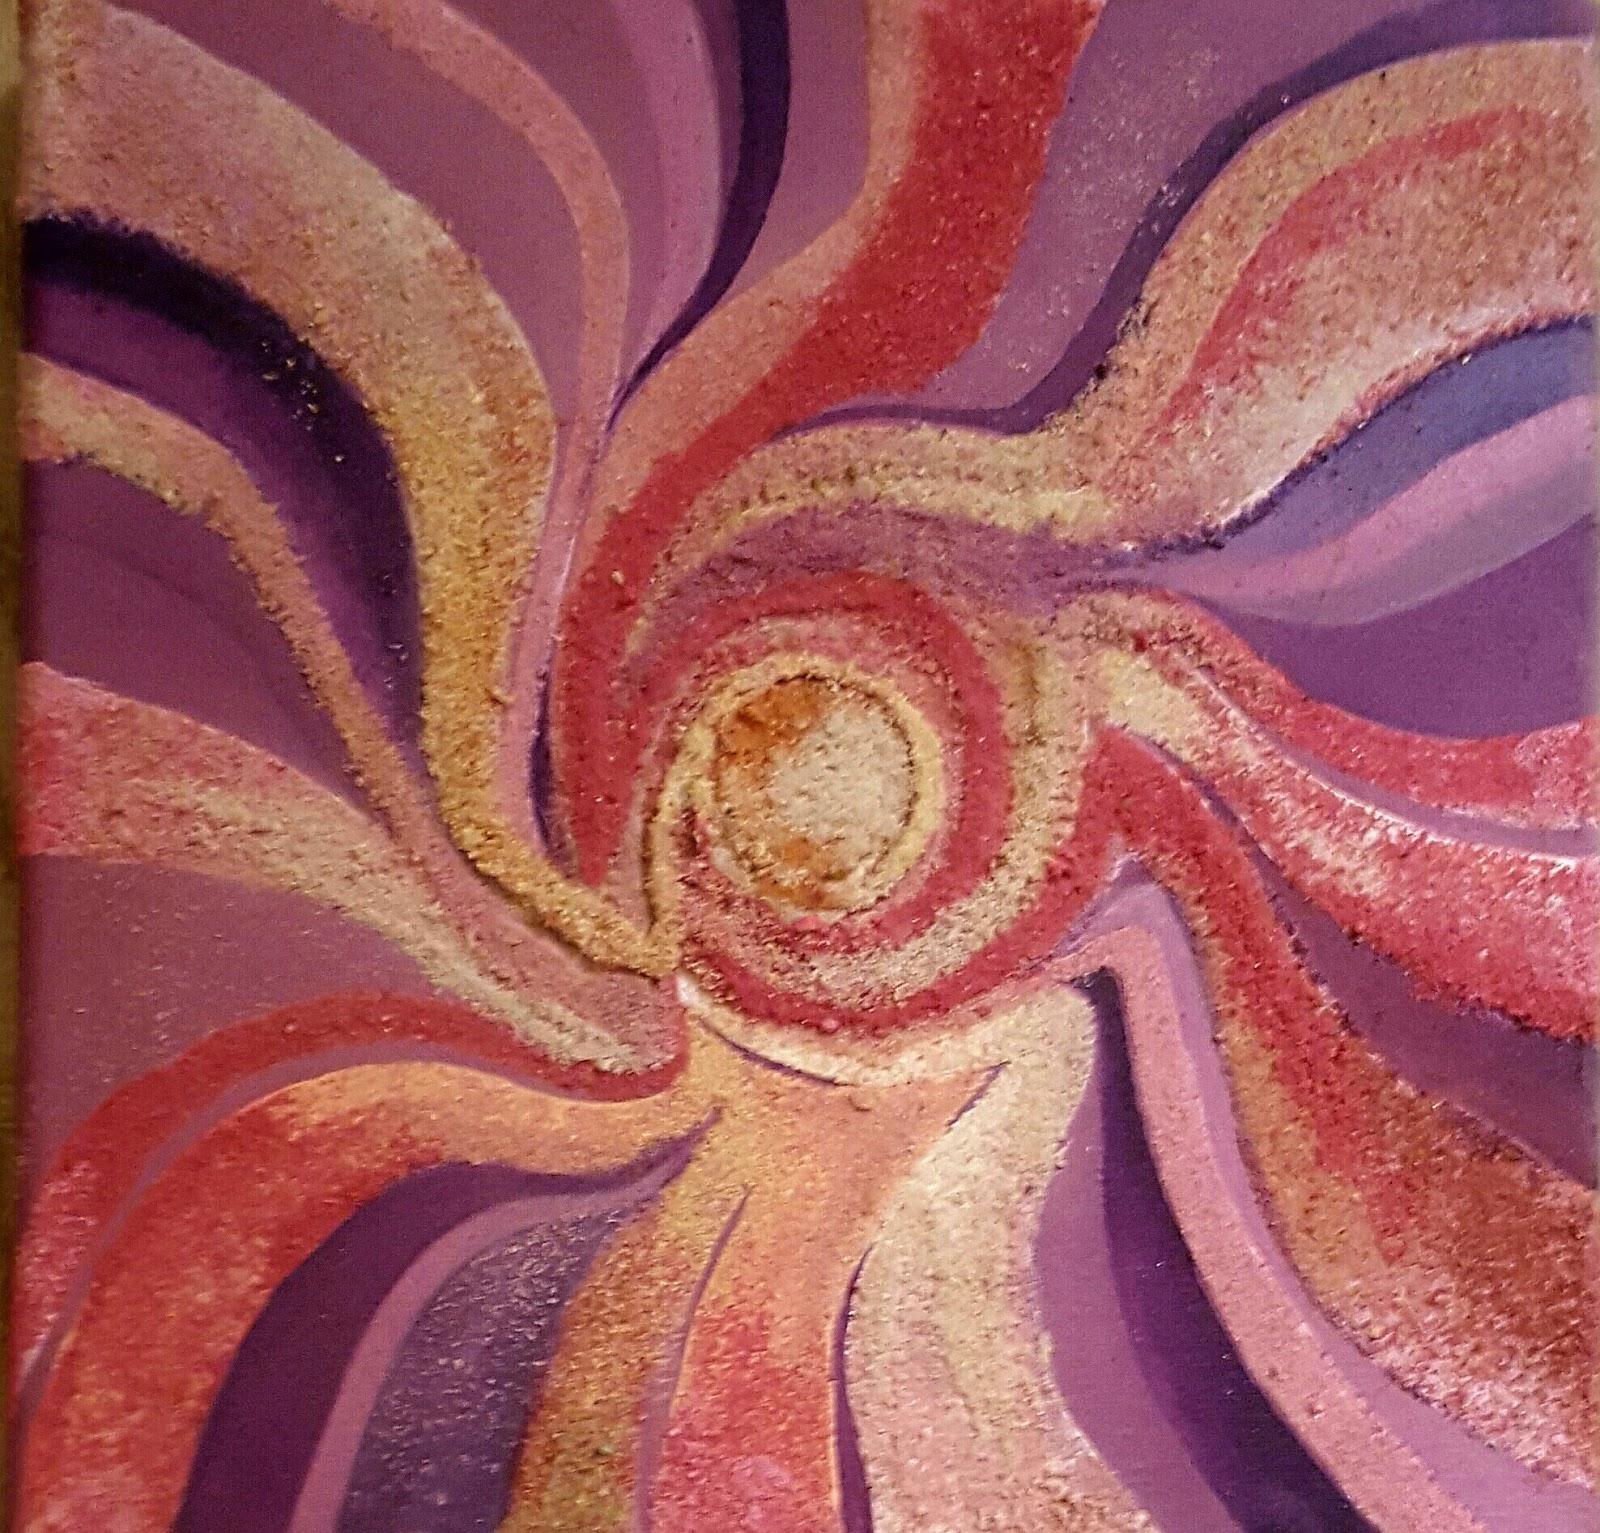 Arte Pinturas Mandalas Pinturas Con Texturas - Pinturas-de-mandalas